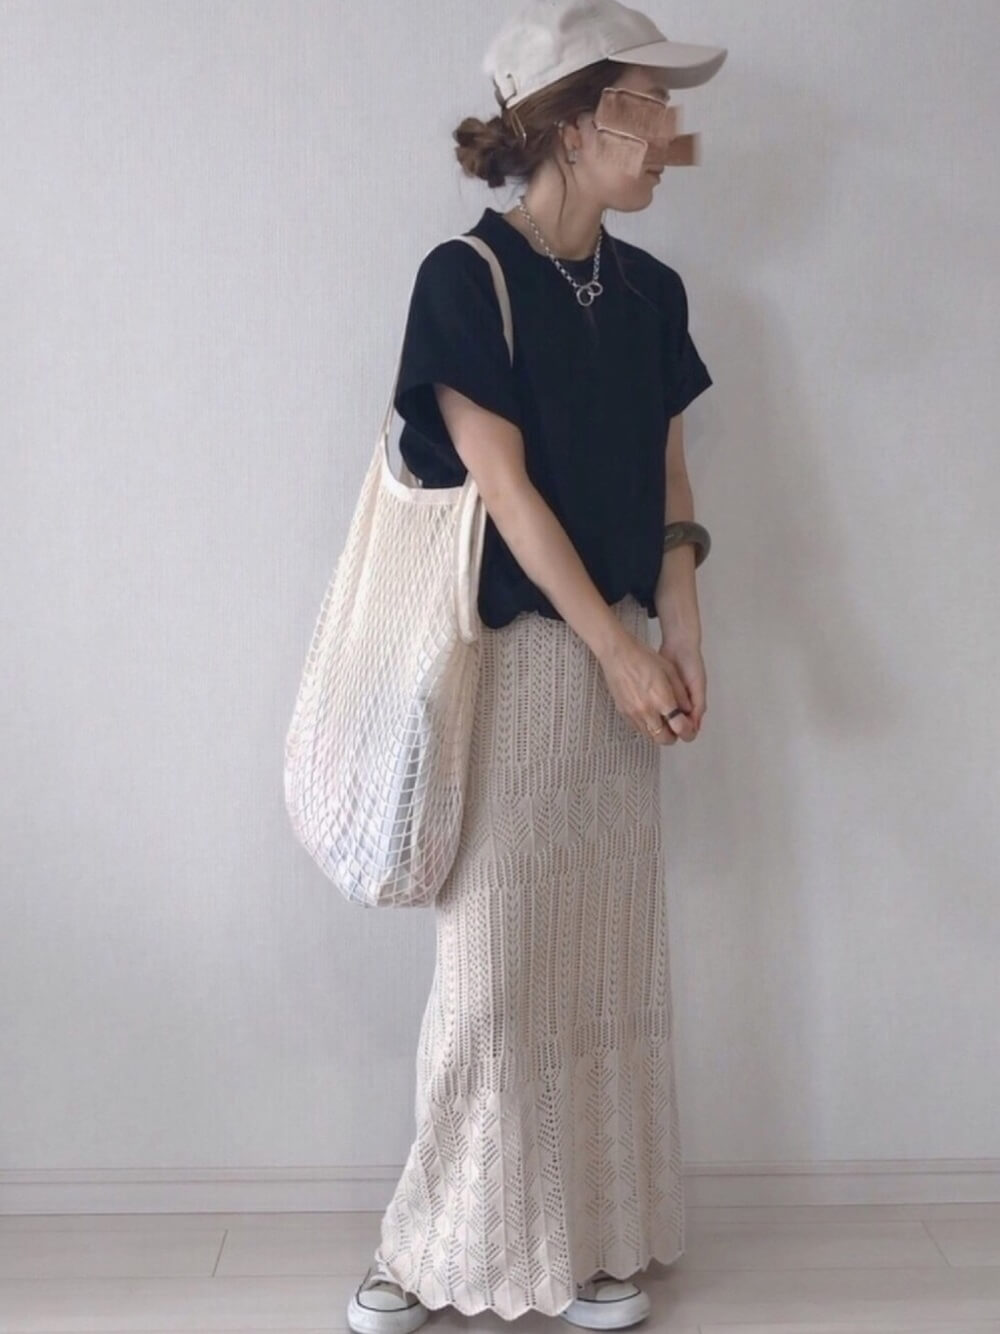 キャップ×黒のTシャツ×ベージュのクロシェスカート×ベージュのスカート